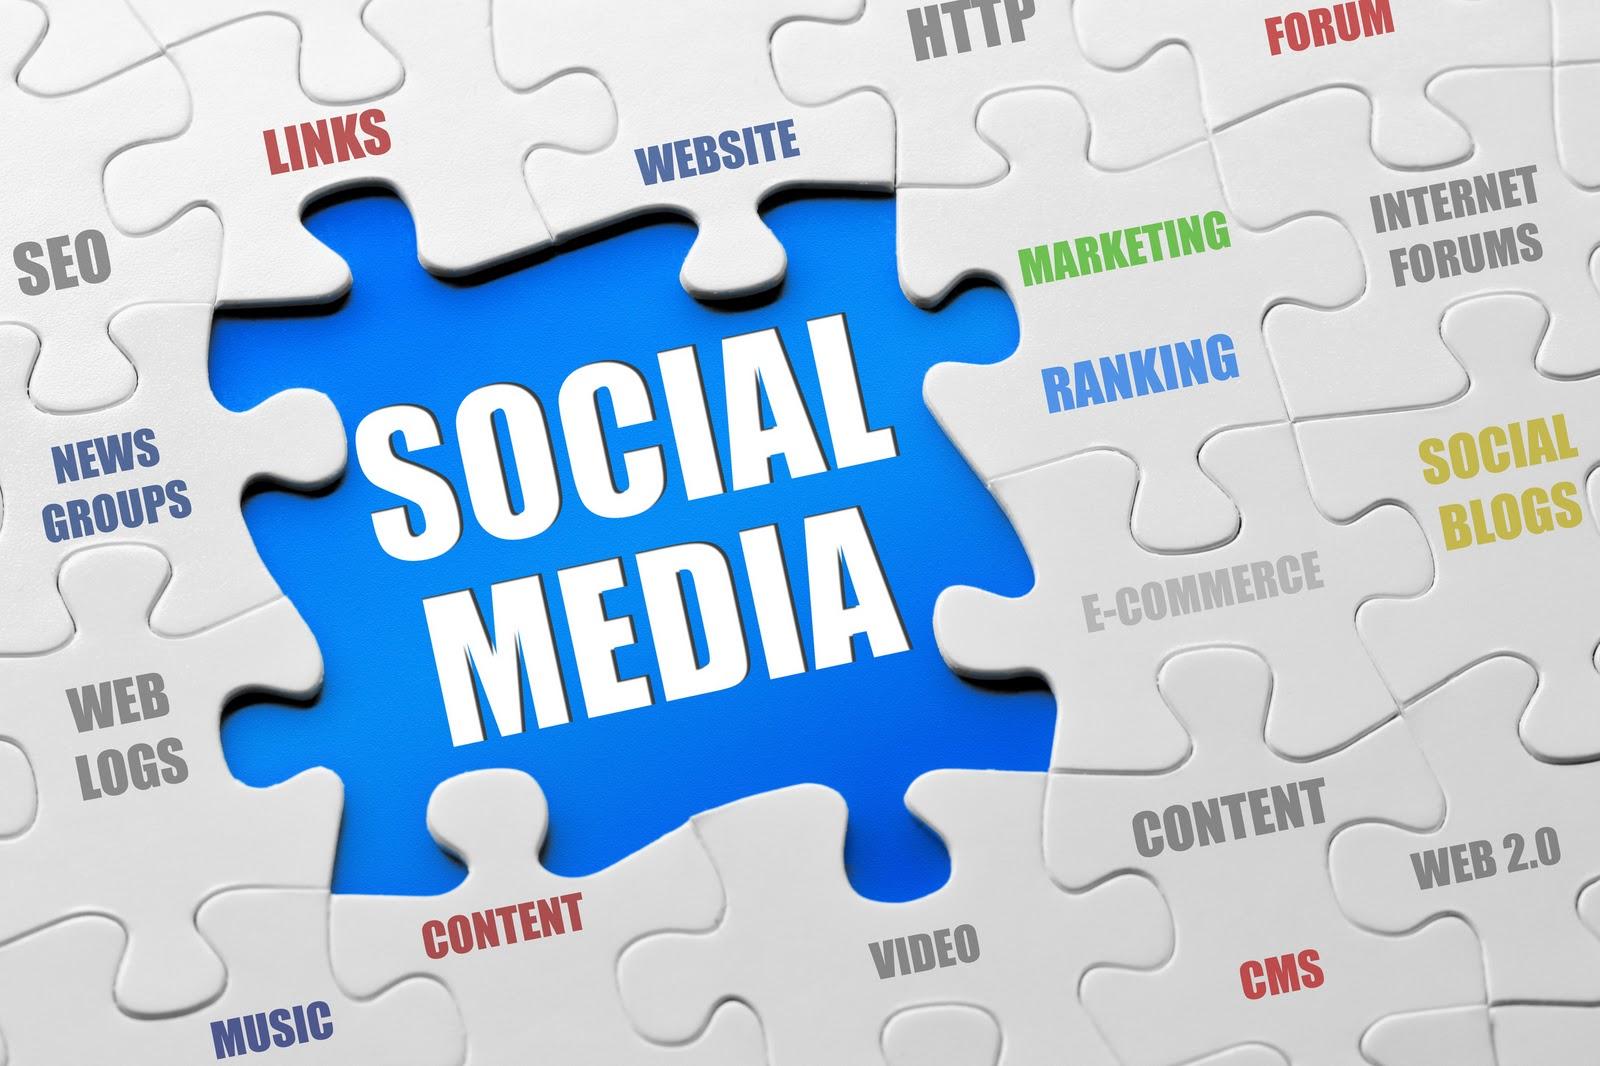 وضعیت رسانههای اجتماعی در سال ۲۰۱۳